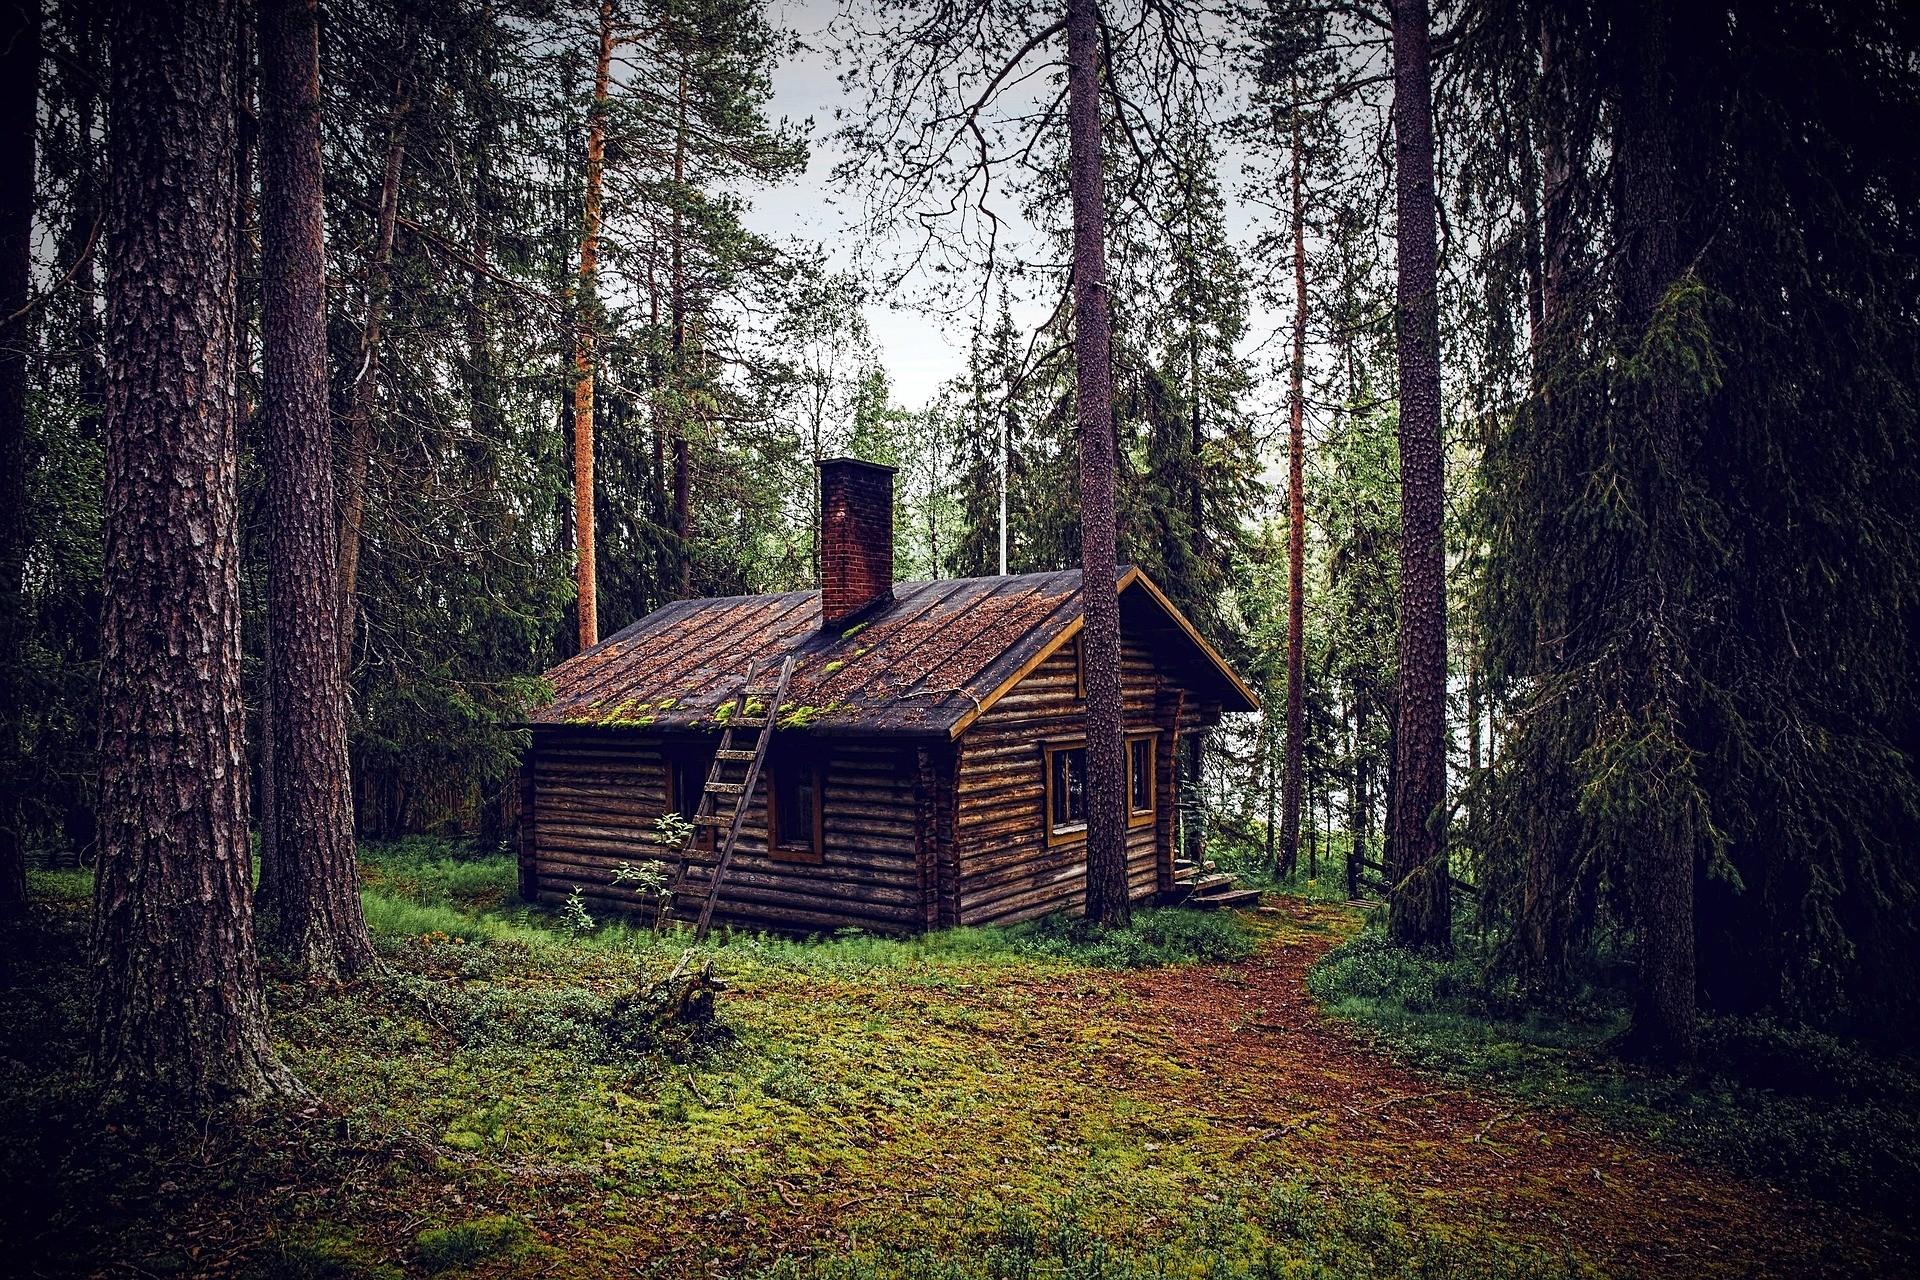 ▲小木屋。(圖/取自免費圖庫Pixabay)